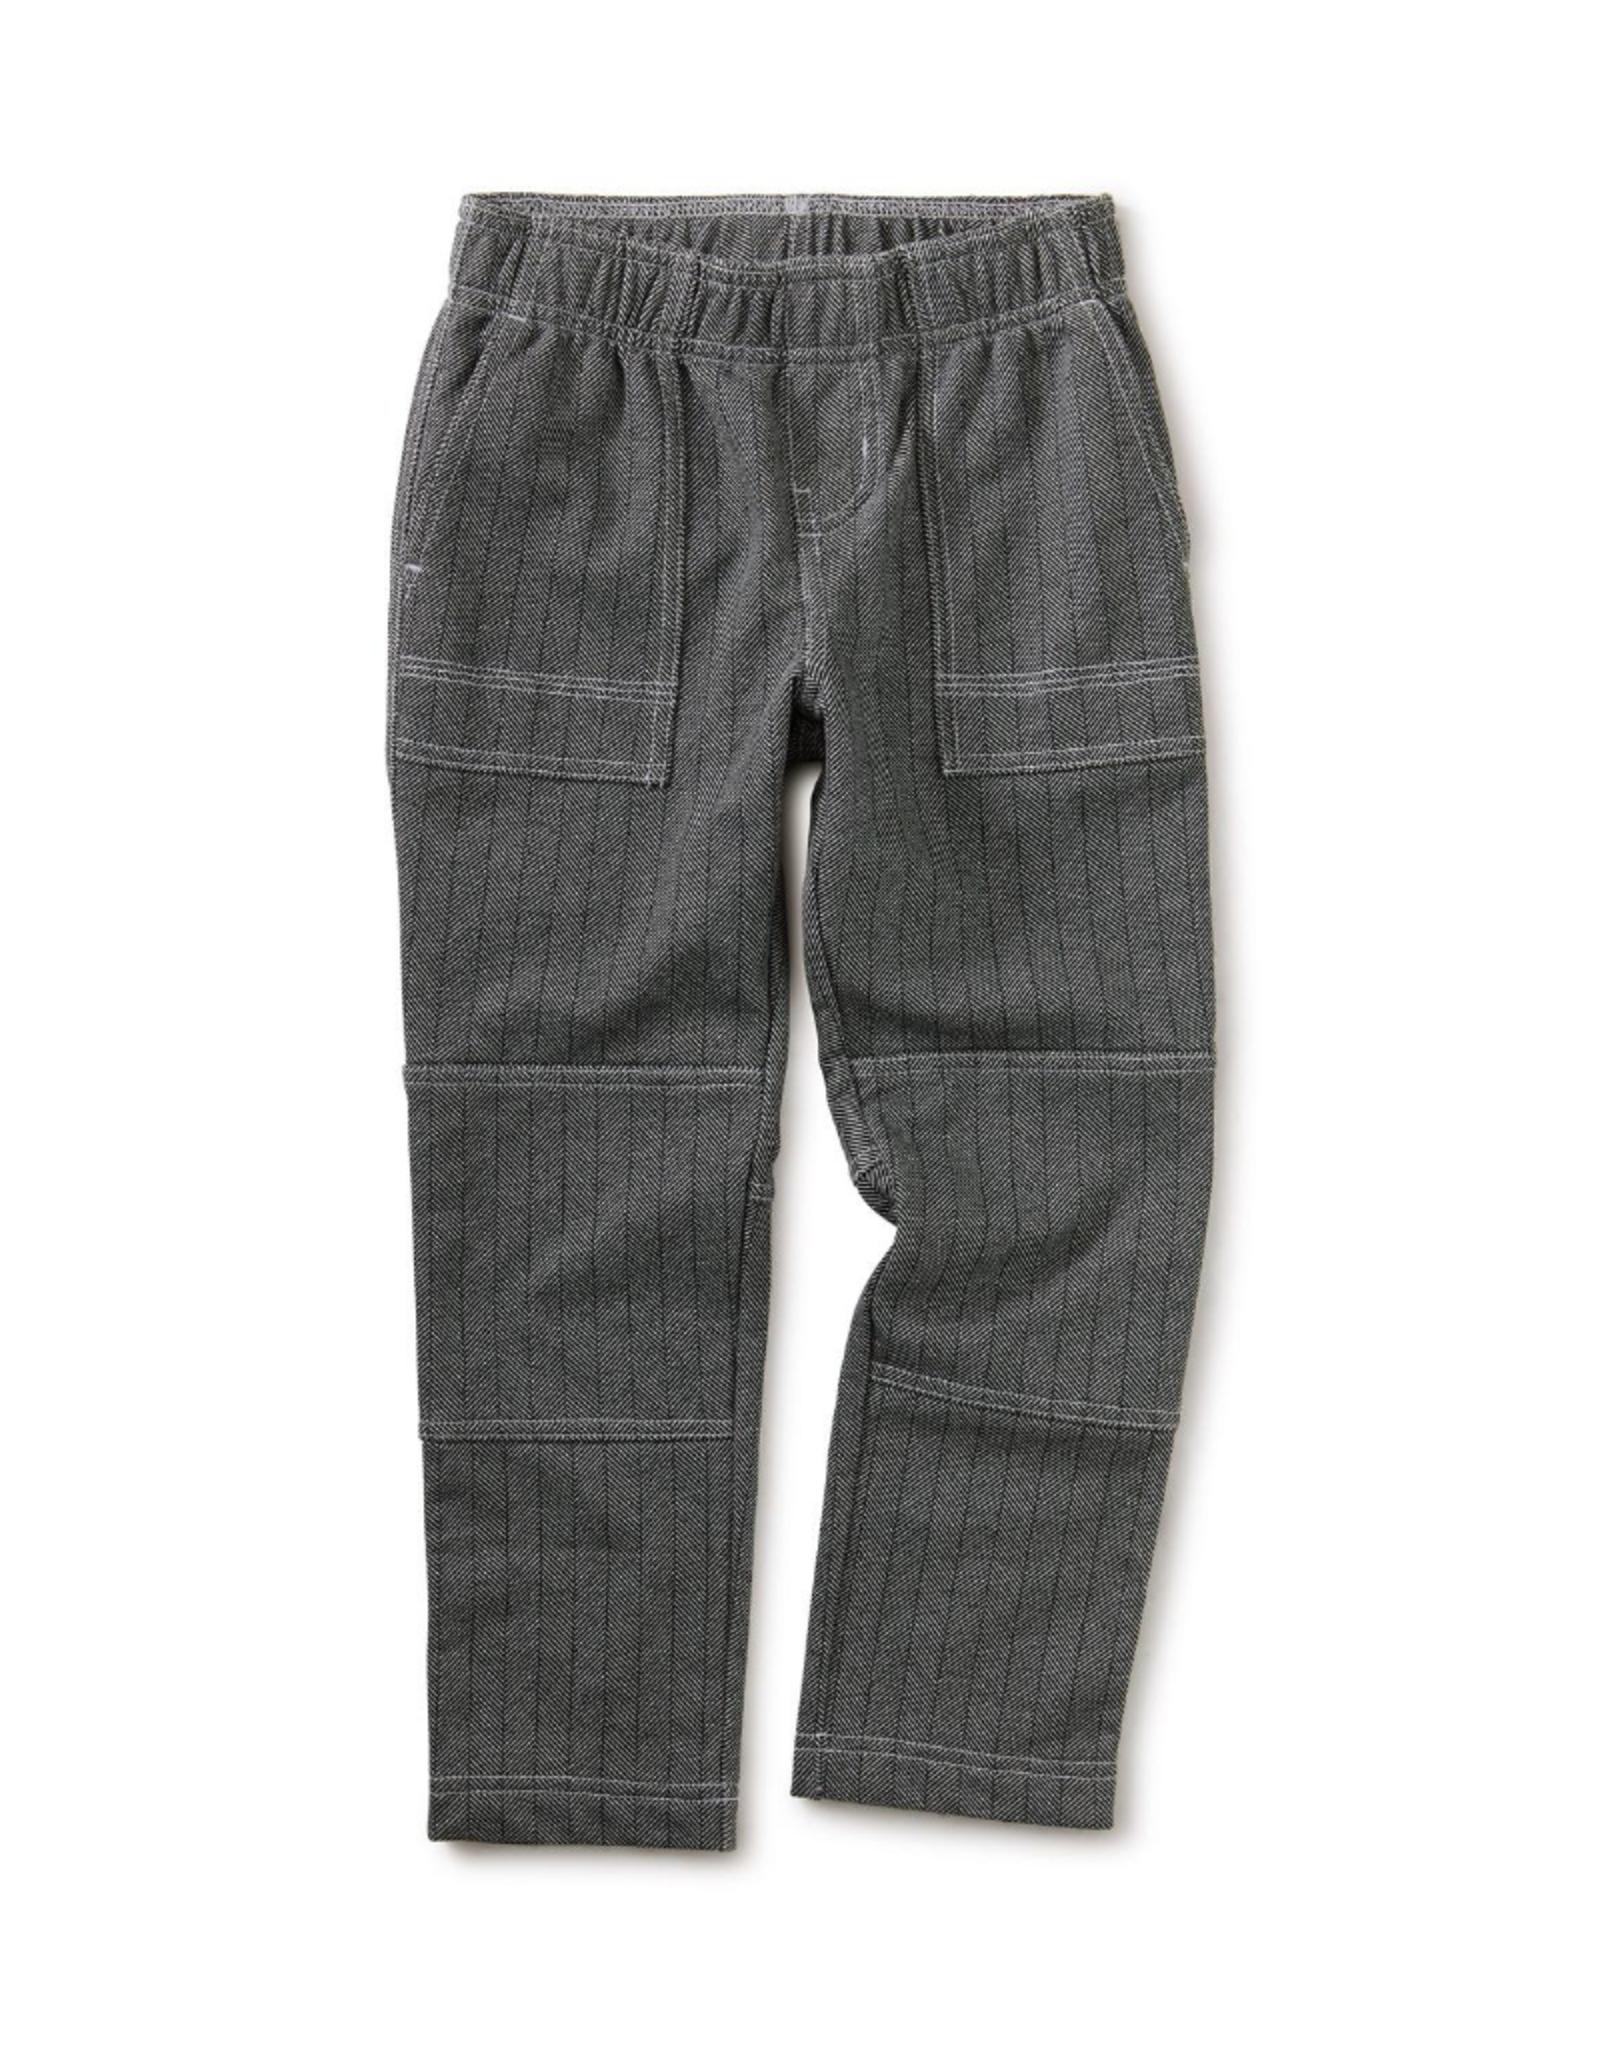 Tea Printed Printed Playwear Pants, Grey Zone